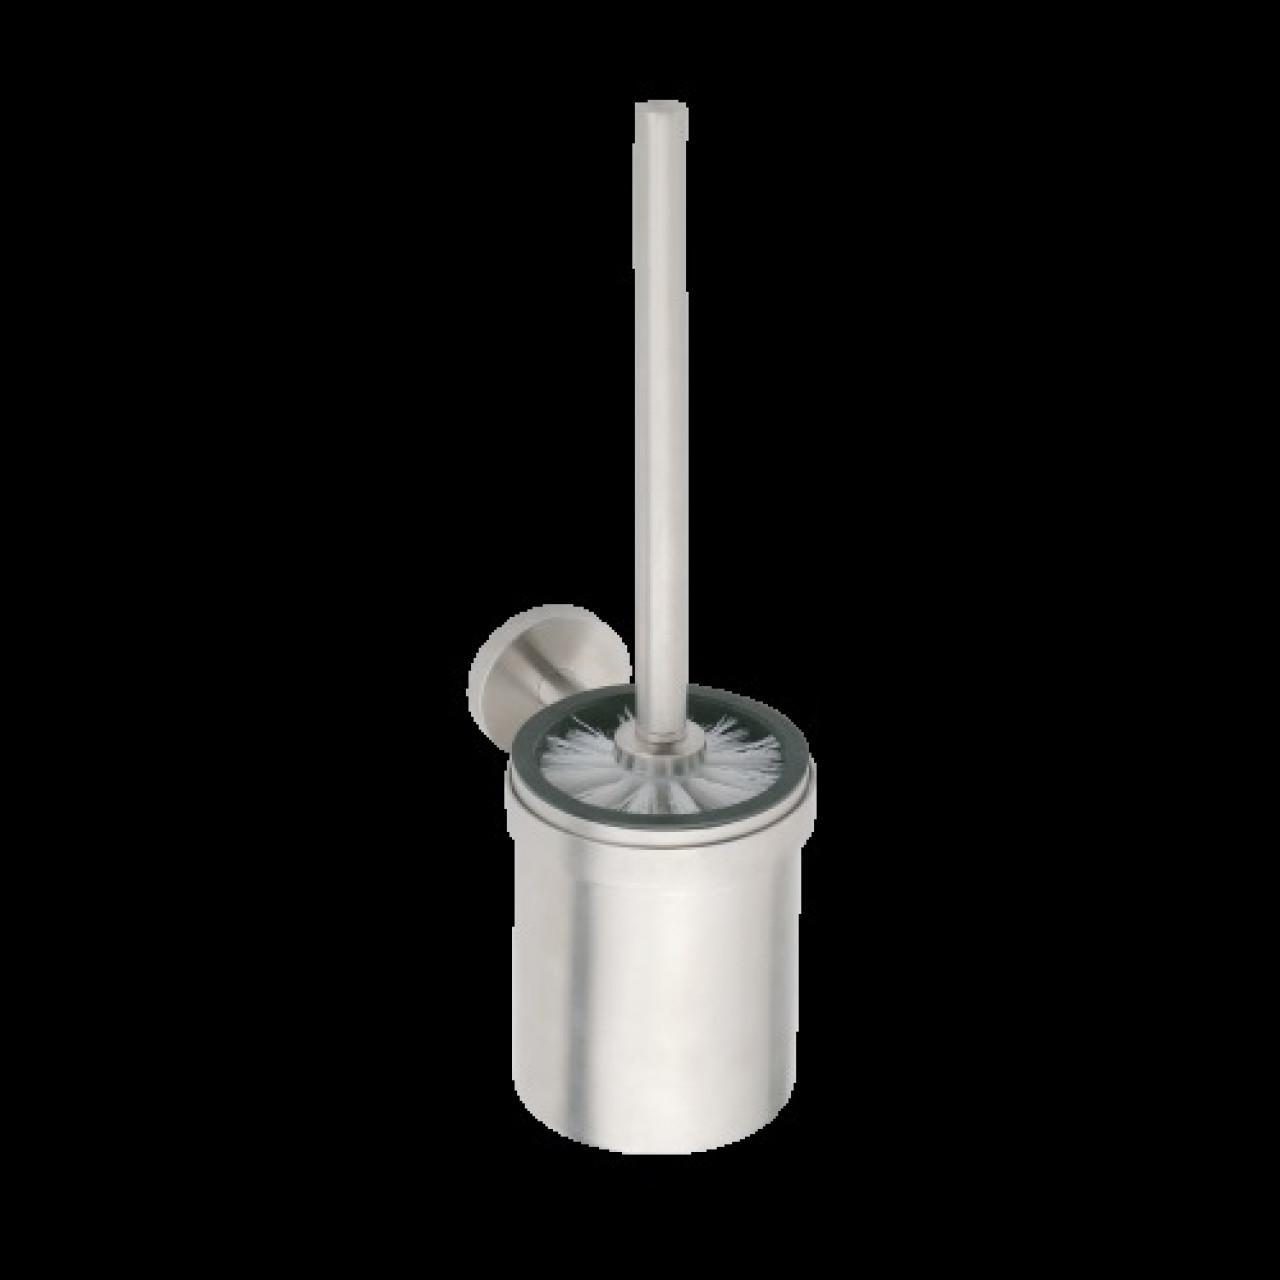 Туалетная щетка с держателем BEMETA NEO 102313075 купить в Москве по цене от 3120р. в интернет-магазине mebel-v-vannu.ru